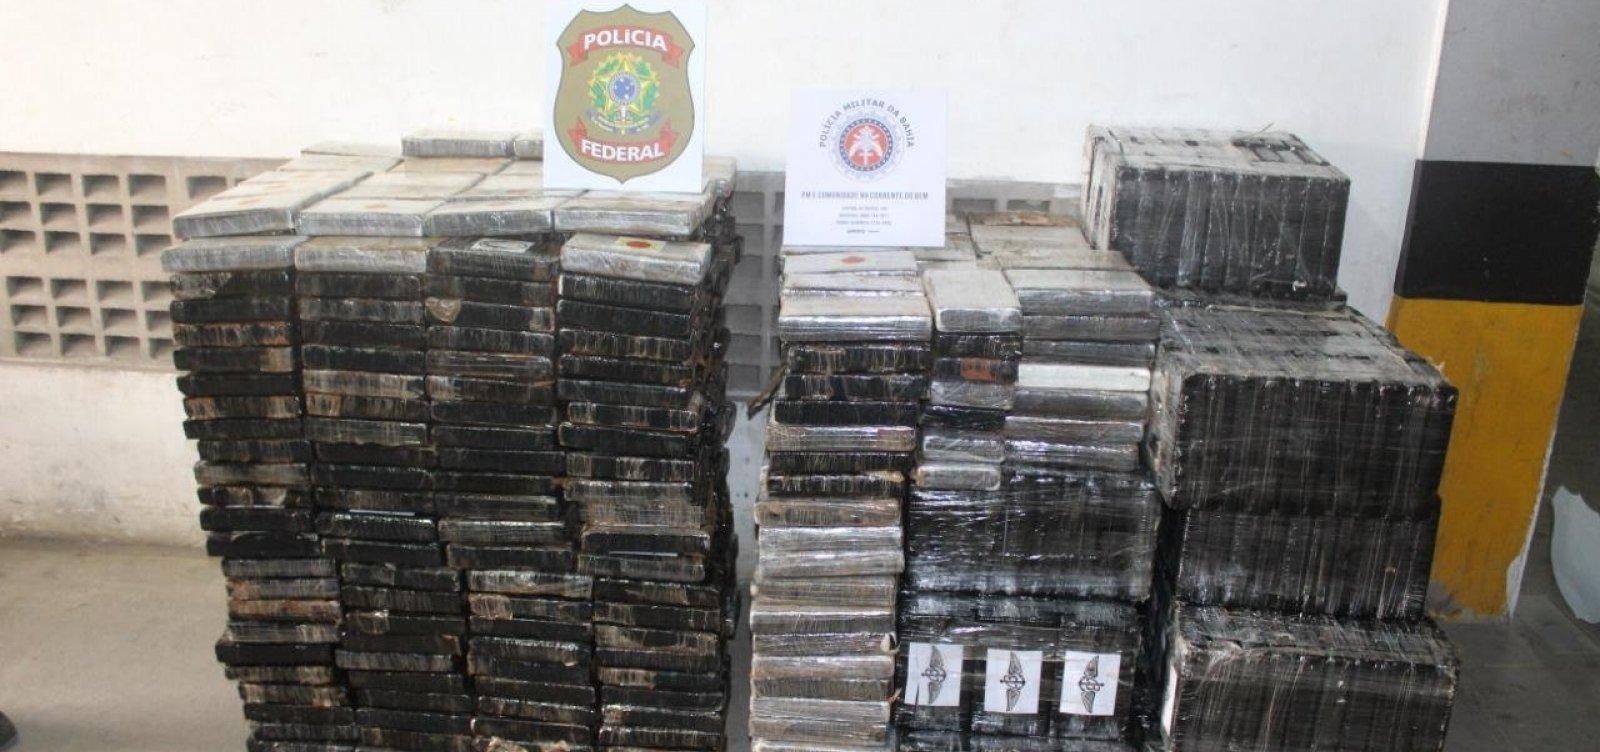 PF apreende 1,3 tonelada de cocaína em Pirajá